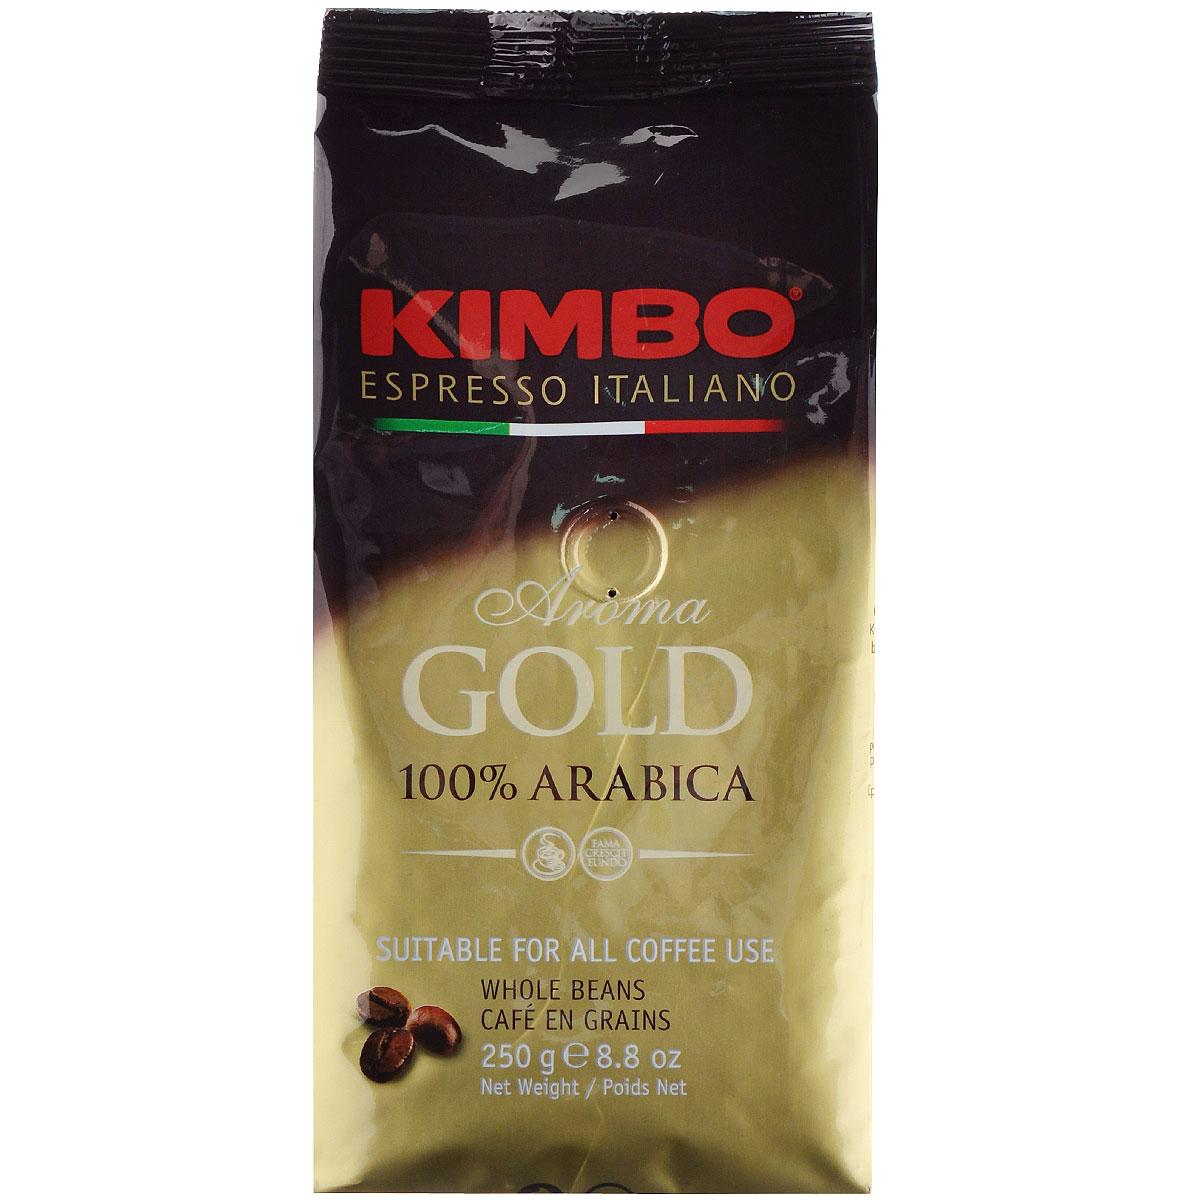 Kimbo Aroma Gold 100% Arabica кофе в зернах, 250 г8002200102135Натуральный жареный кофе в зернах Kimbo Aroma Gold 100% Arabica. Смесь превосходной арабики отличается нежным вкусом, мягкой кислинкой и тонким ароматом. Состав смеси: 100% арабика.